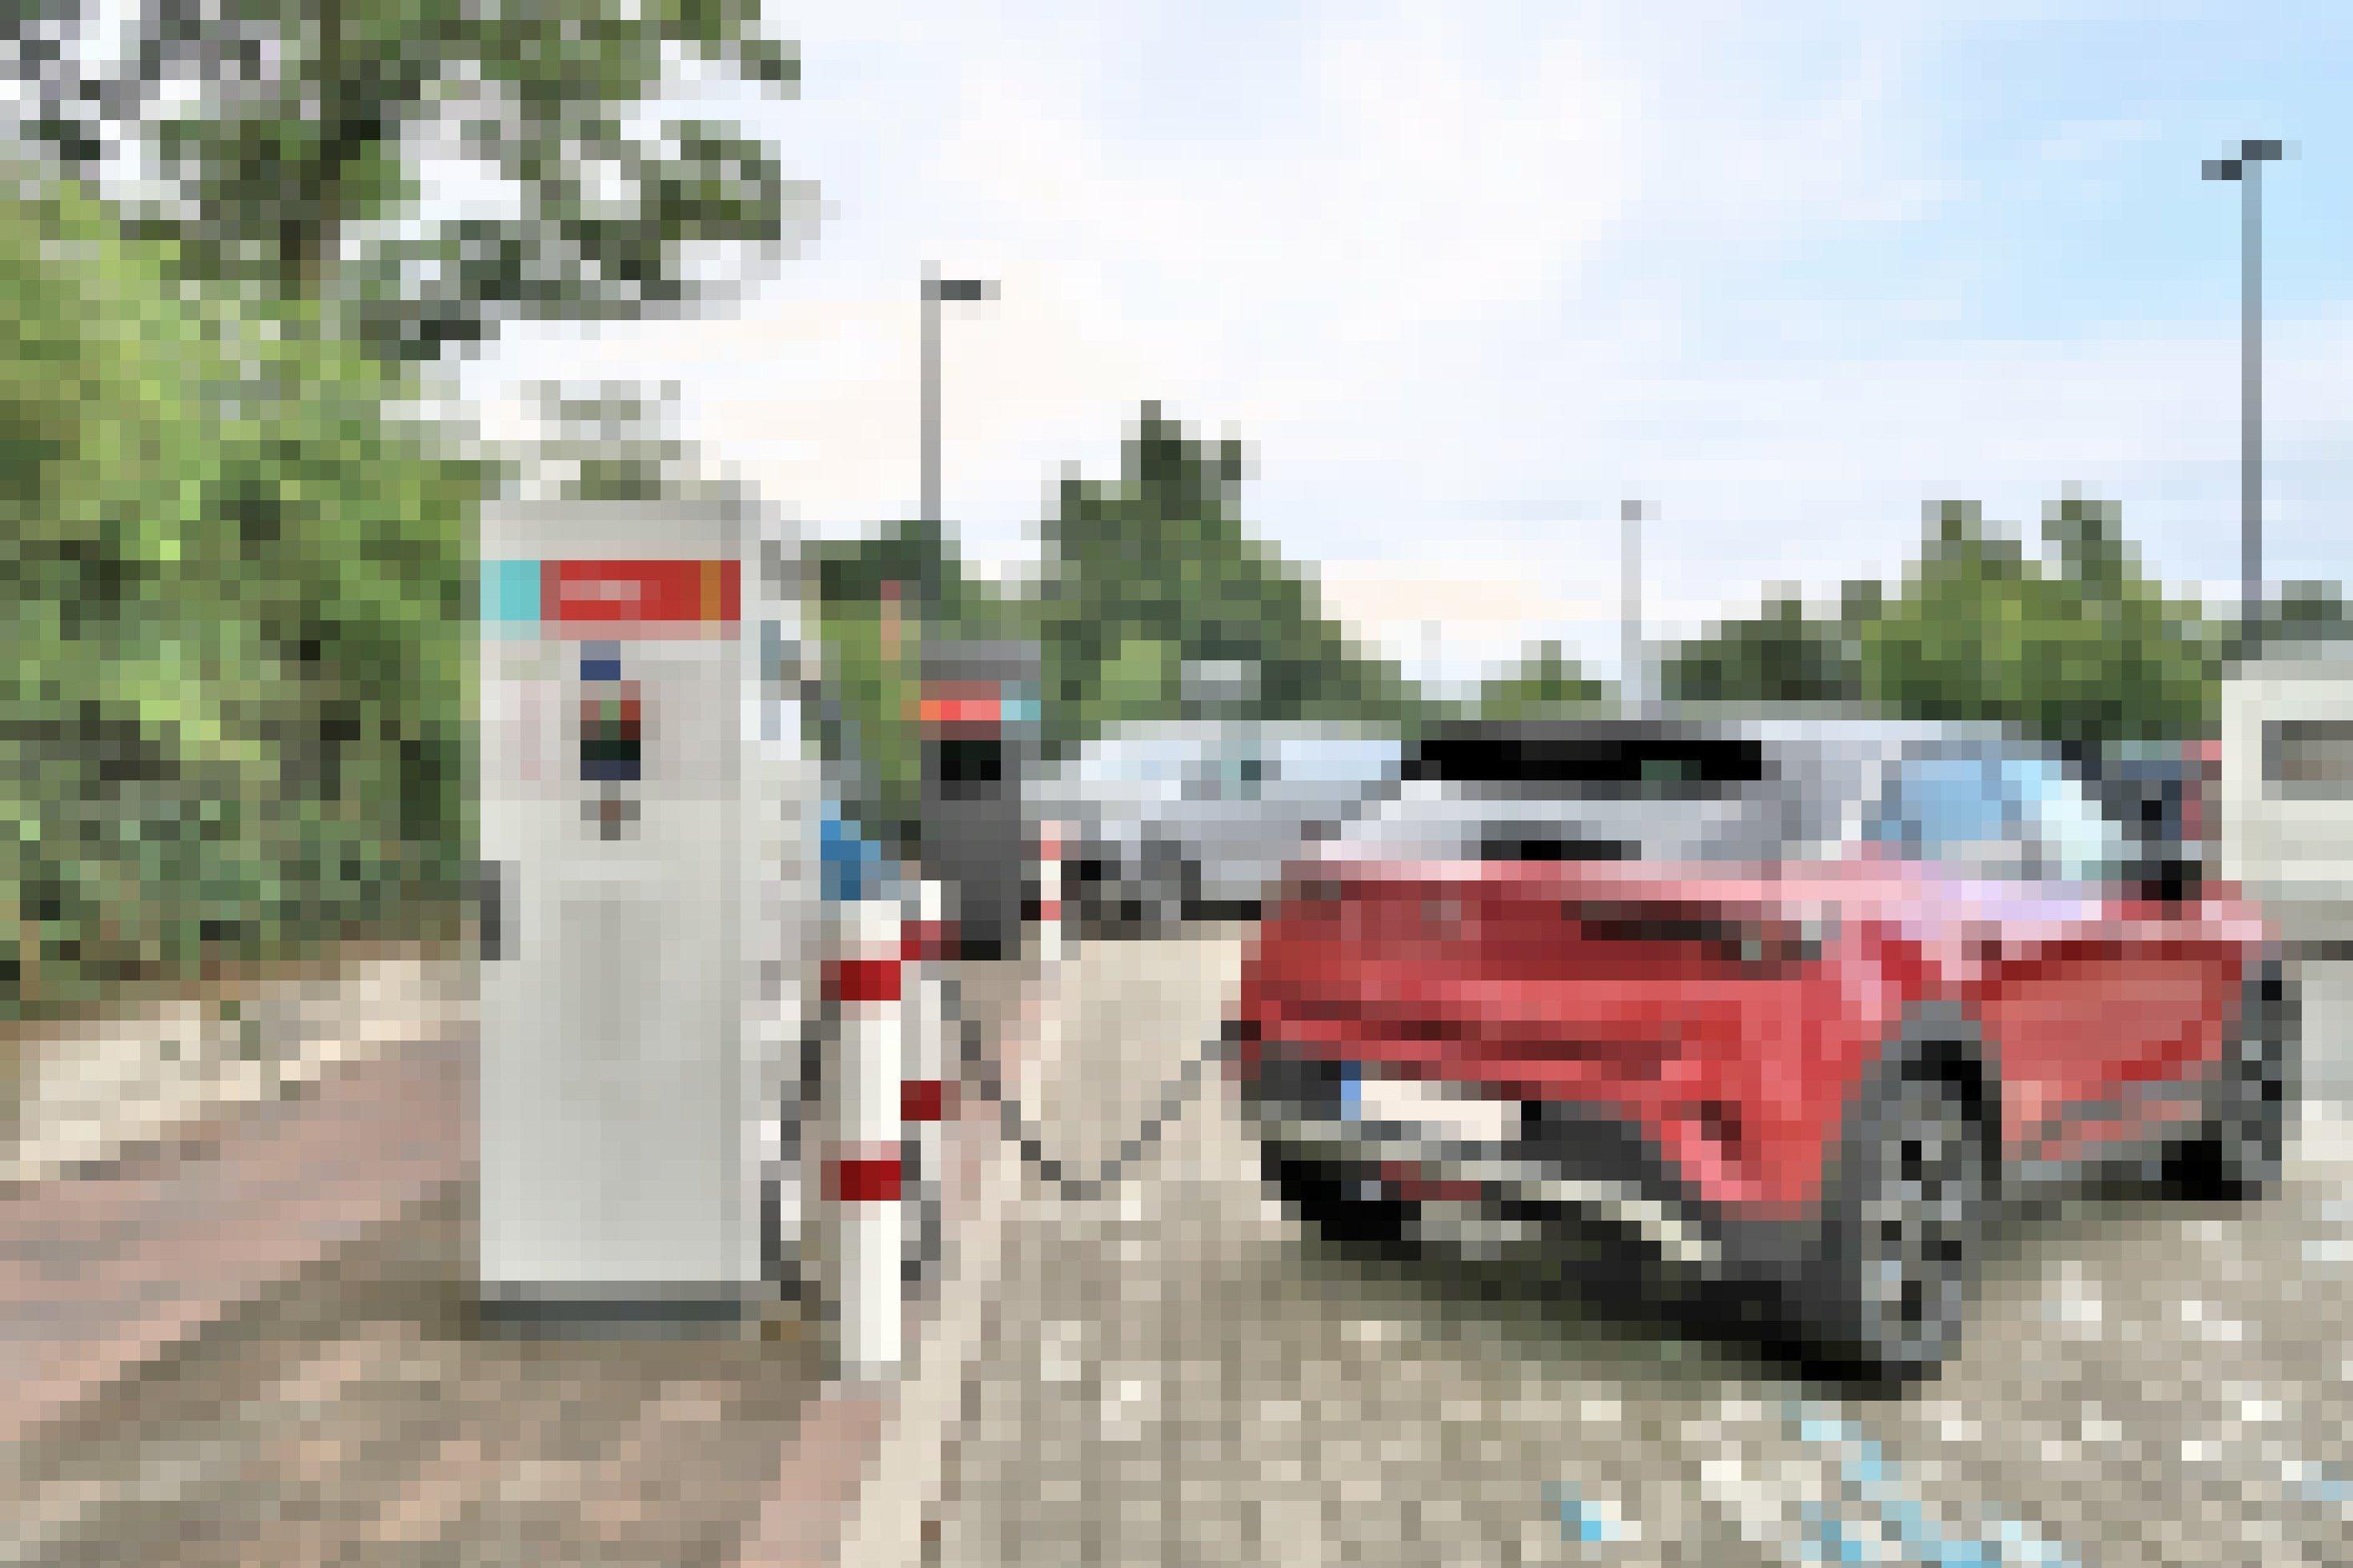 Ein roter Opel Mokka-E ist an einer Ladestation auf einem Parkplatz angeschlossen.